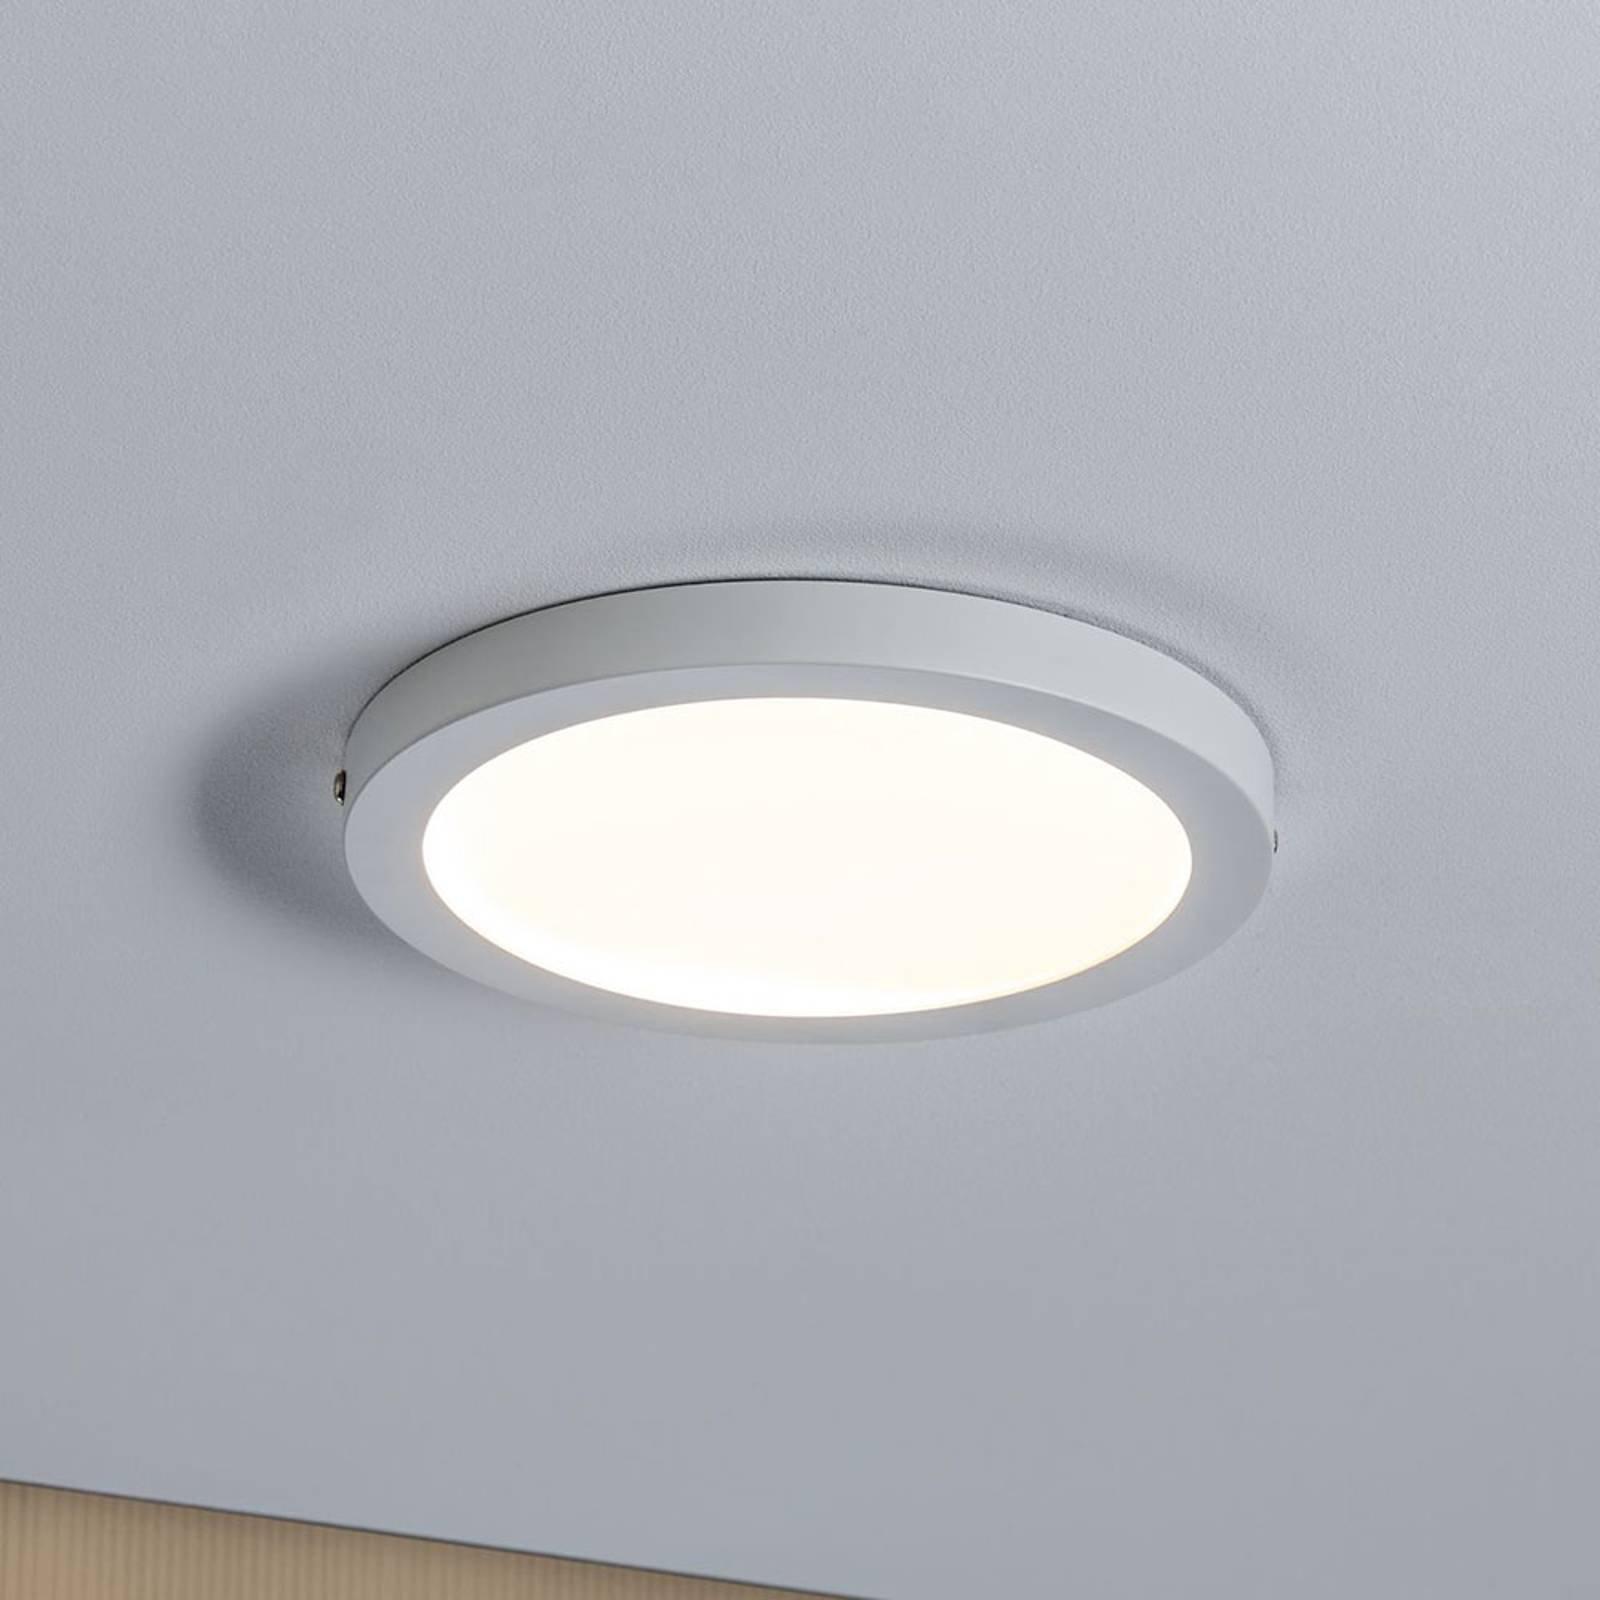 Paulmann Atria LED-taklampe Ø22 cm hvit matt